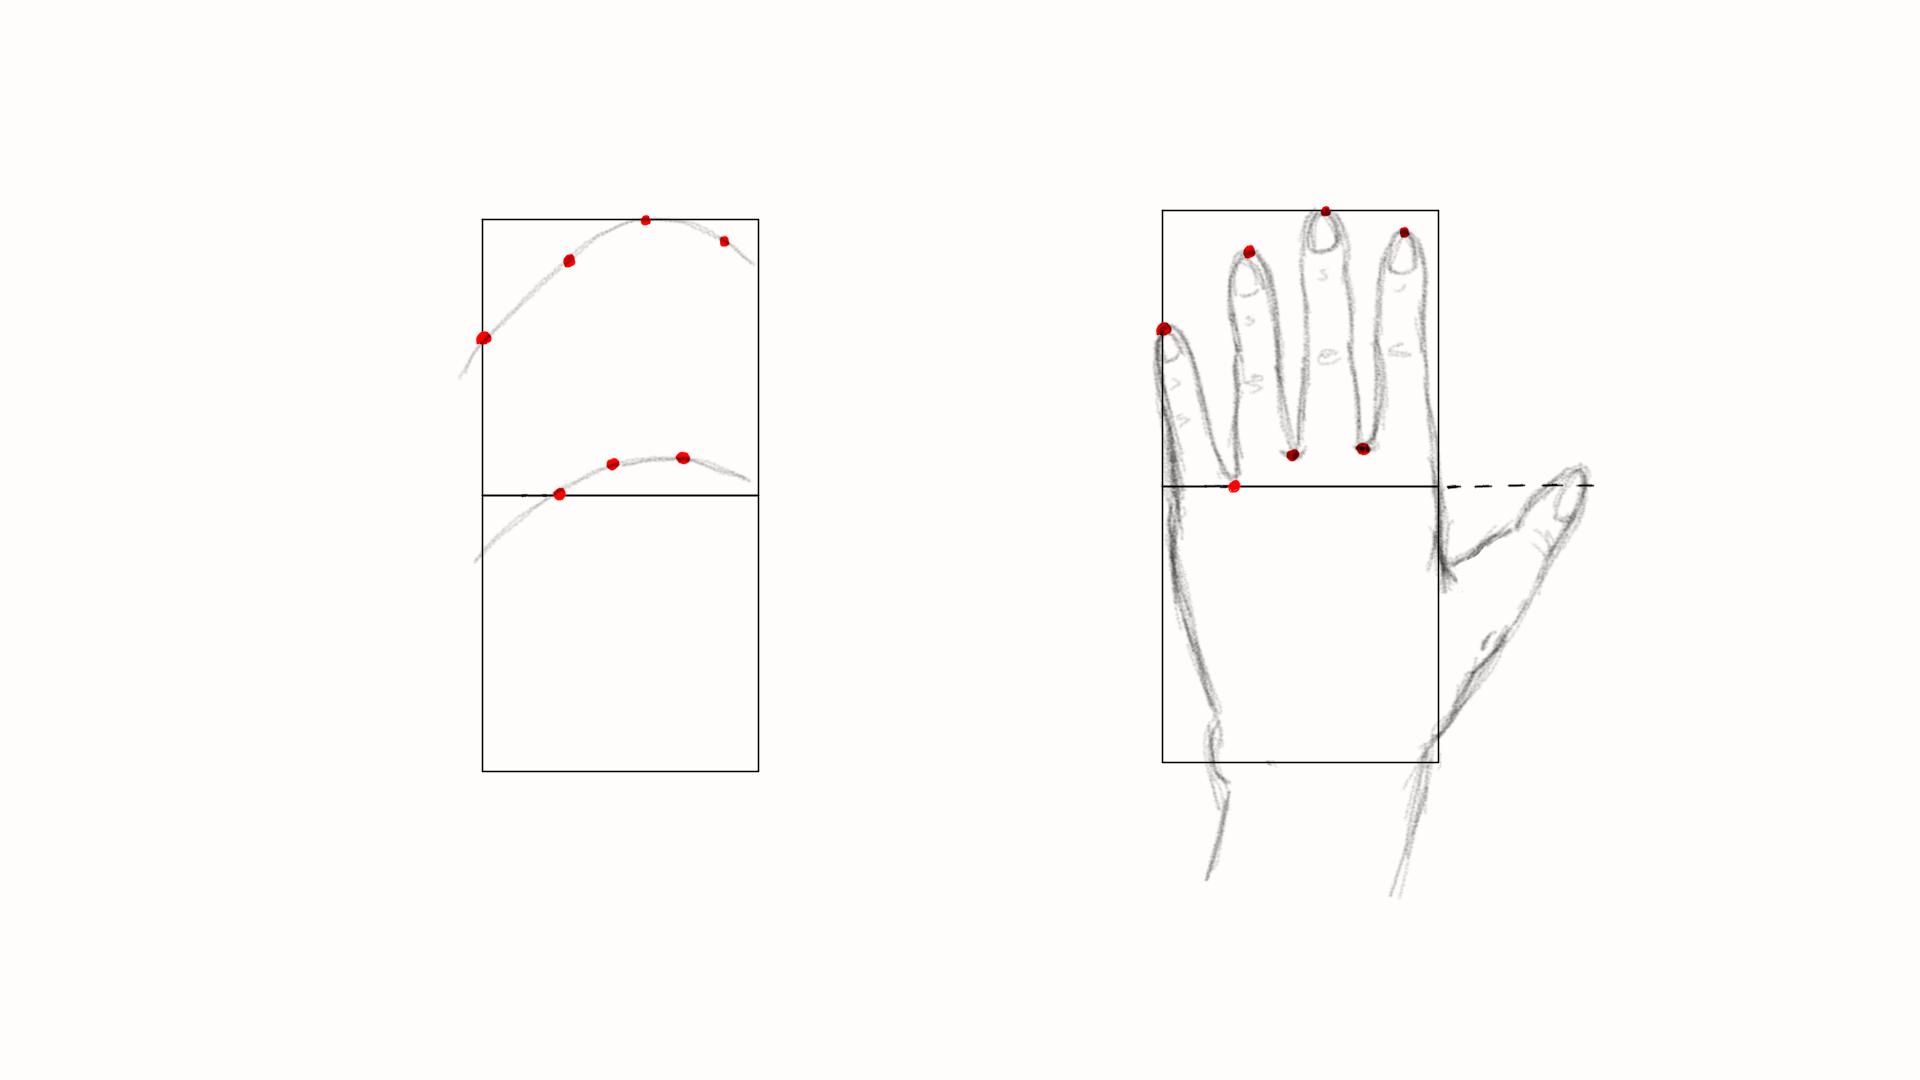 Hilfsquadrate mit Punkten: Hände zeichnen